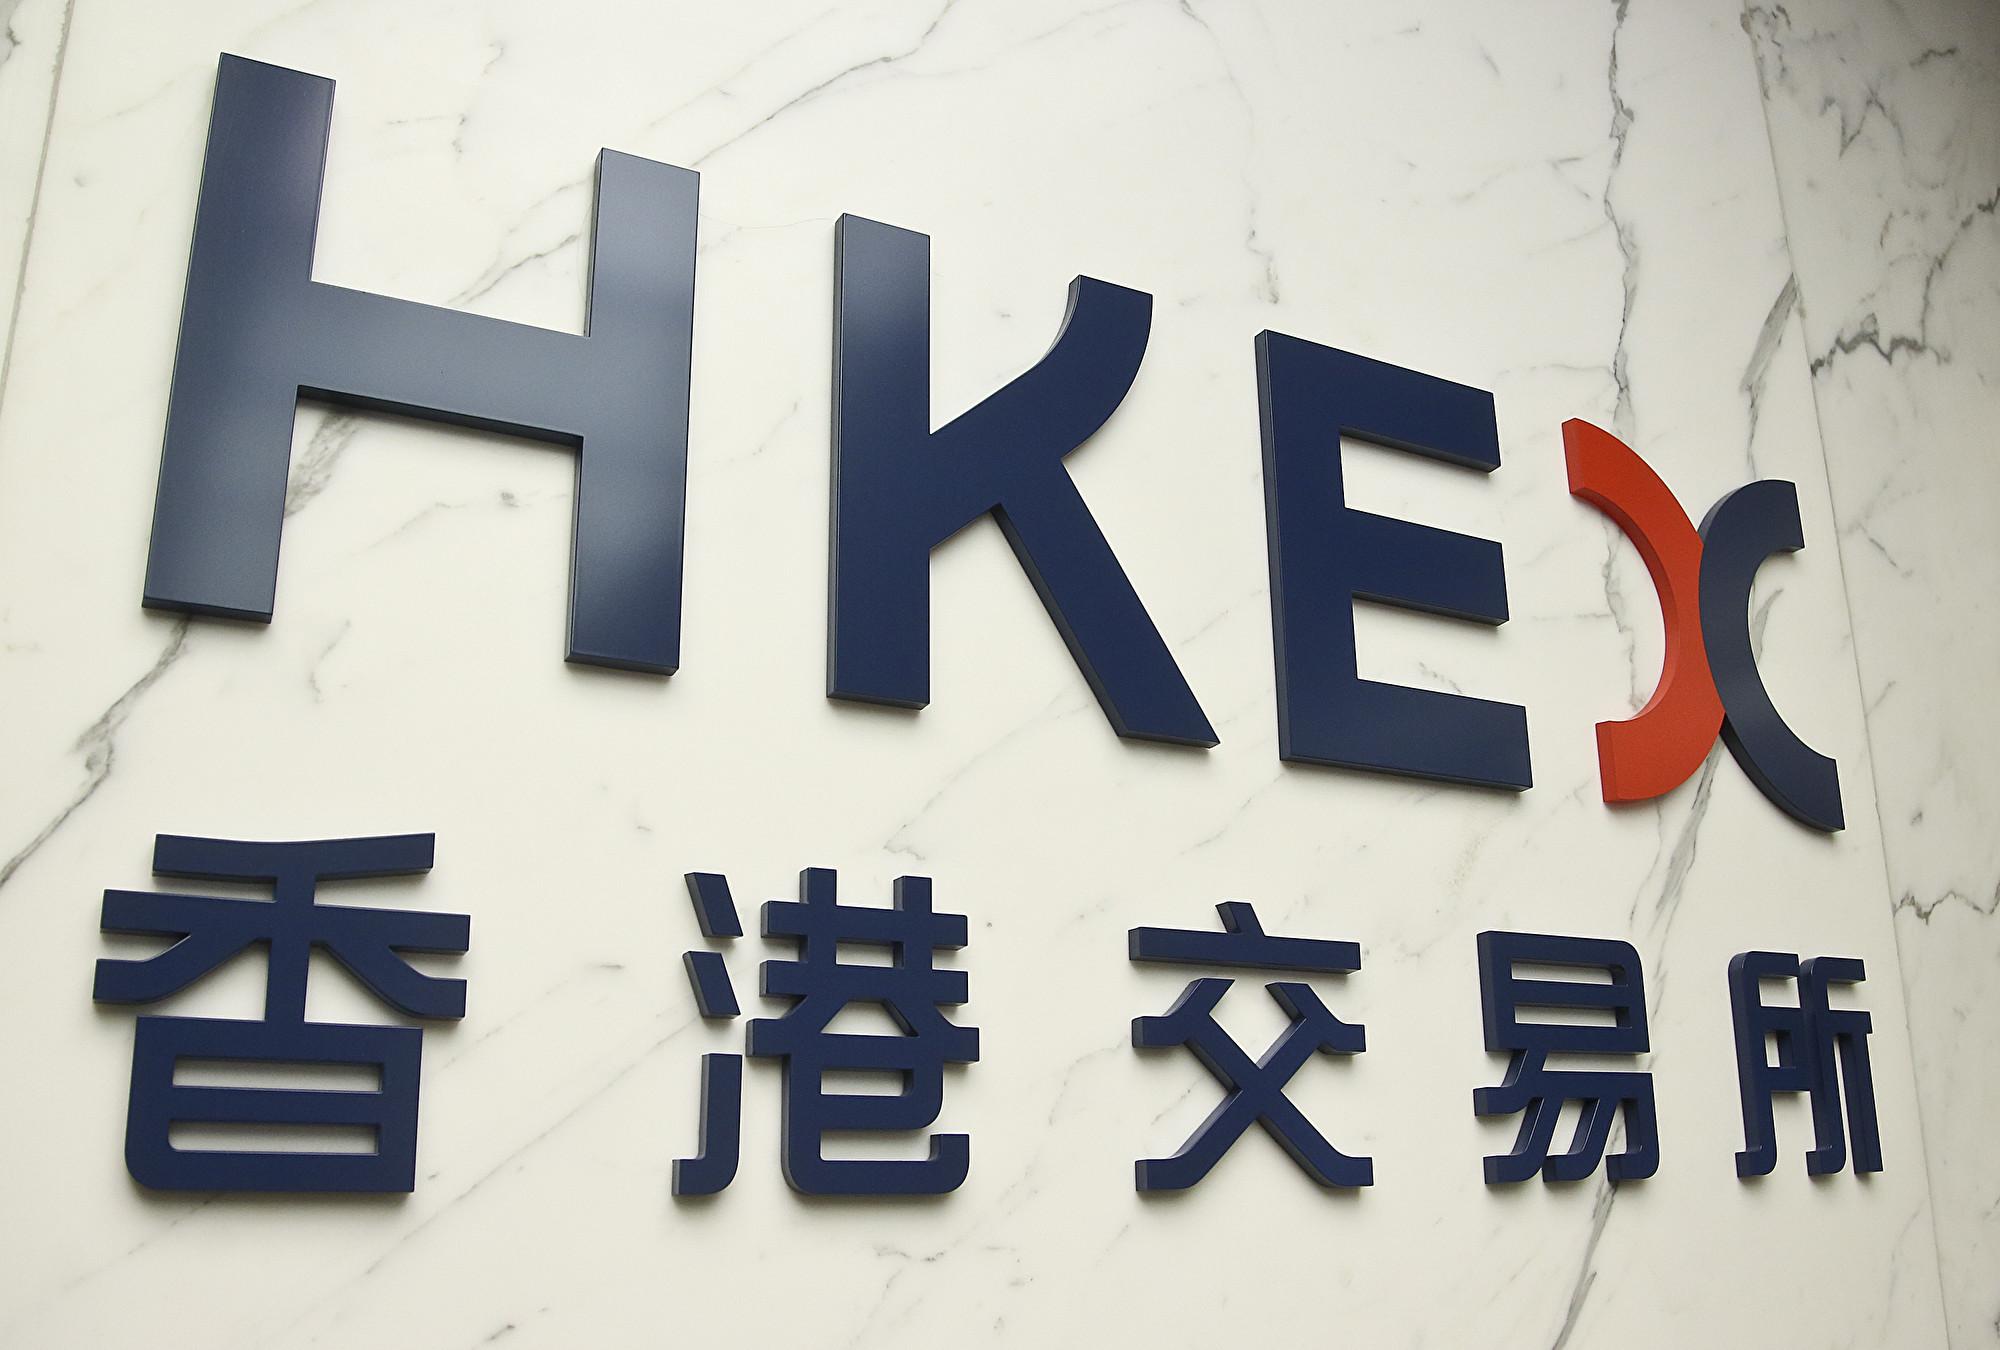 倫敦證券交易所(LSE)9月13日正式回拒絕香港交易所(HKEX)主動提出的320億英鎊的併購提議。(余鋼/大紀元)